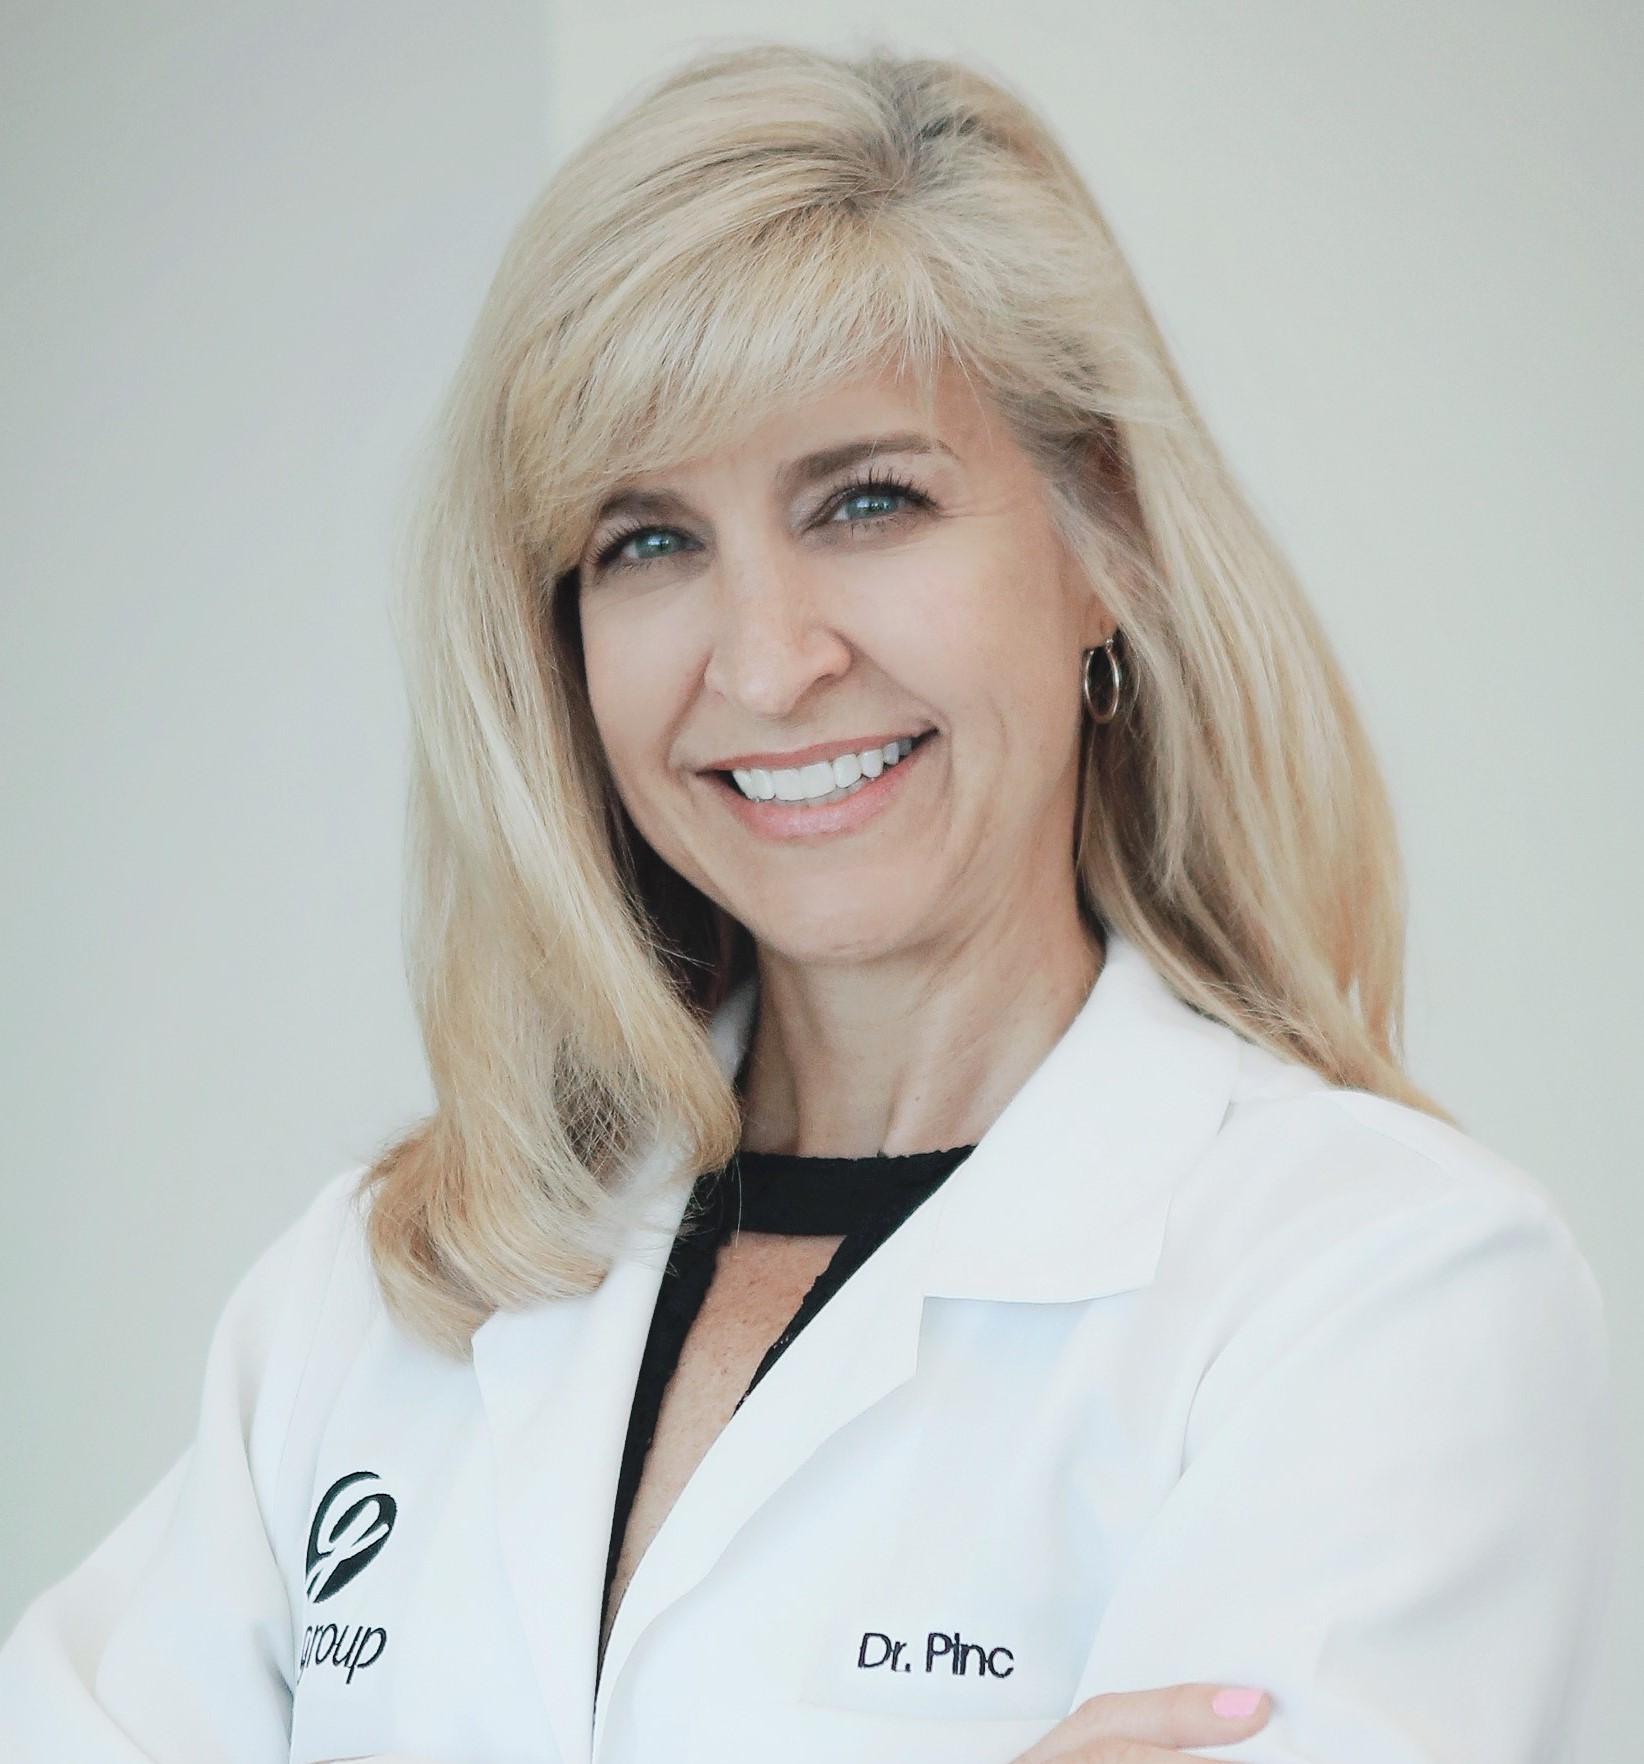 Dr. anita pinc 2